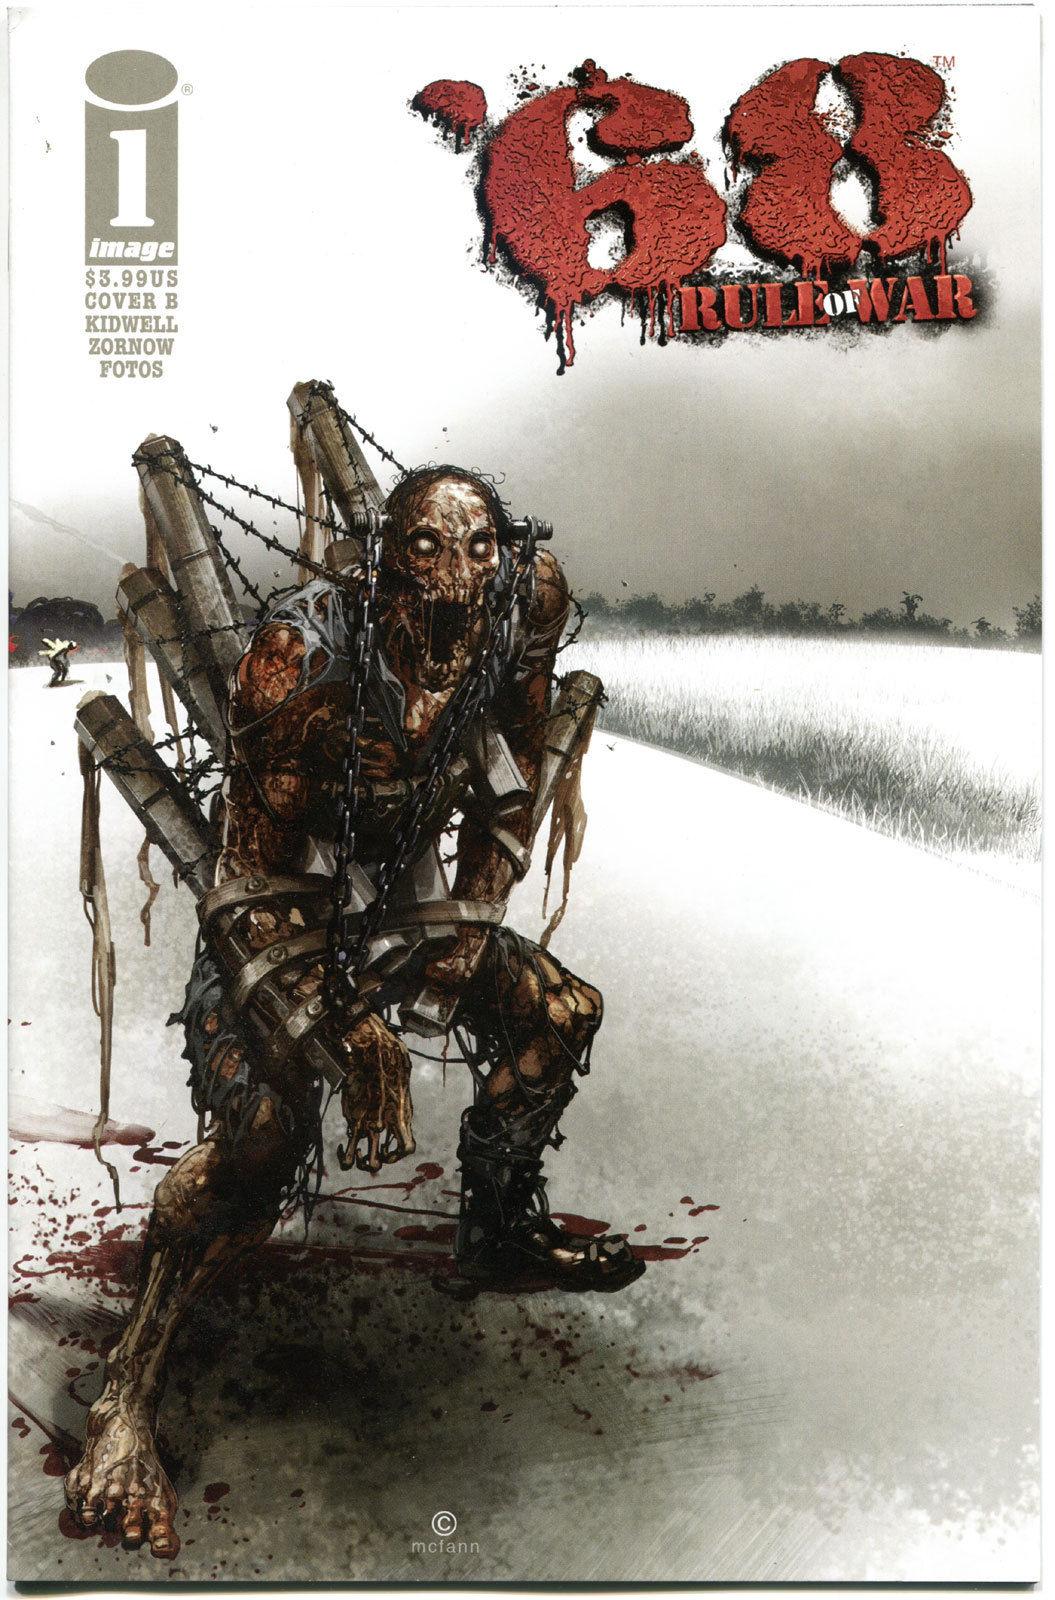 '68 RULE of WAR #1 B, VF,1st Print, Zombie, Walking Dead, 2014, more in store